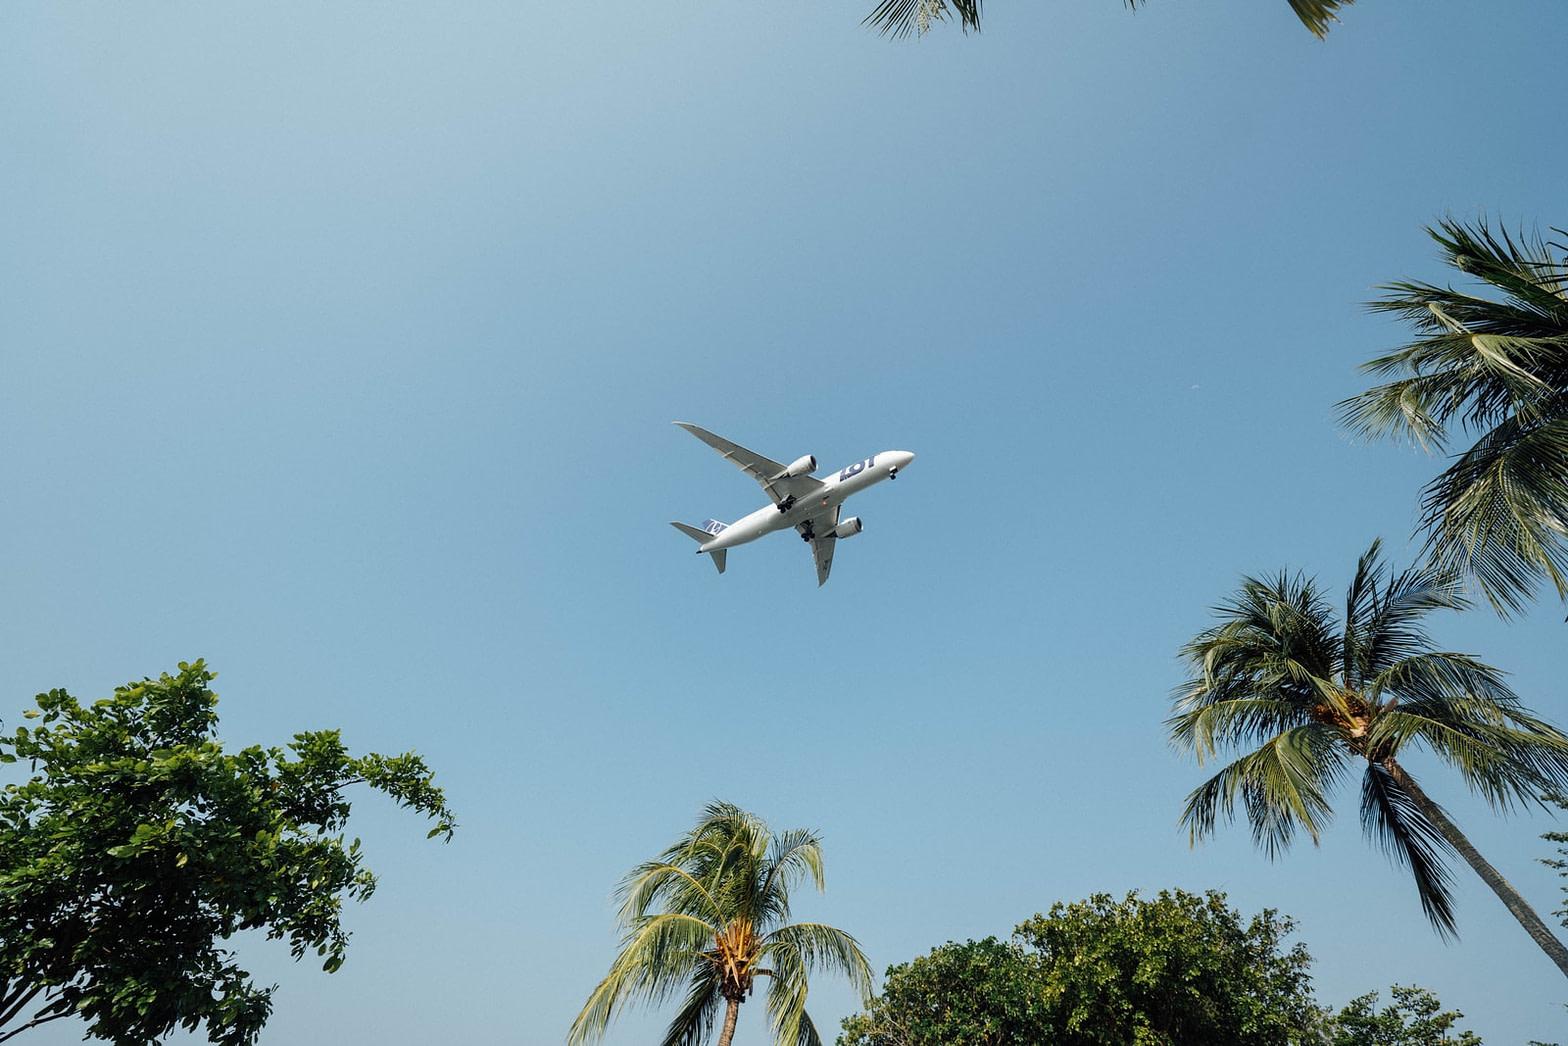 معلومات عن الرحلات المتوجهة من مطار الرياض الى شرورة